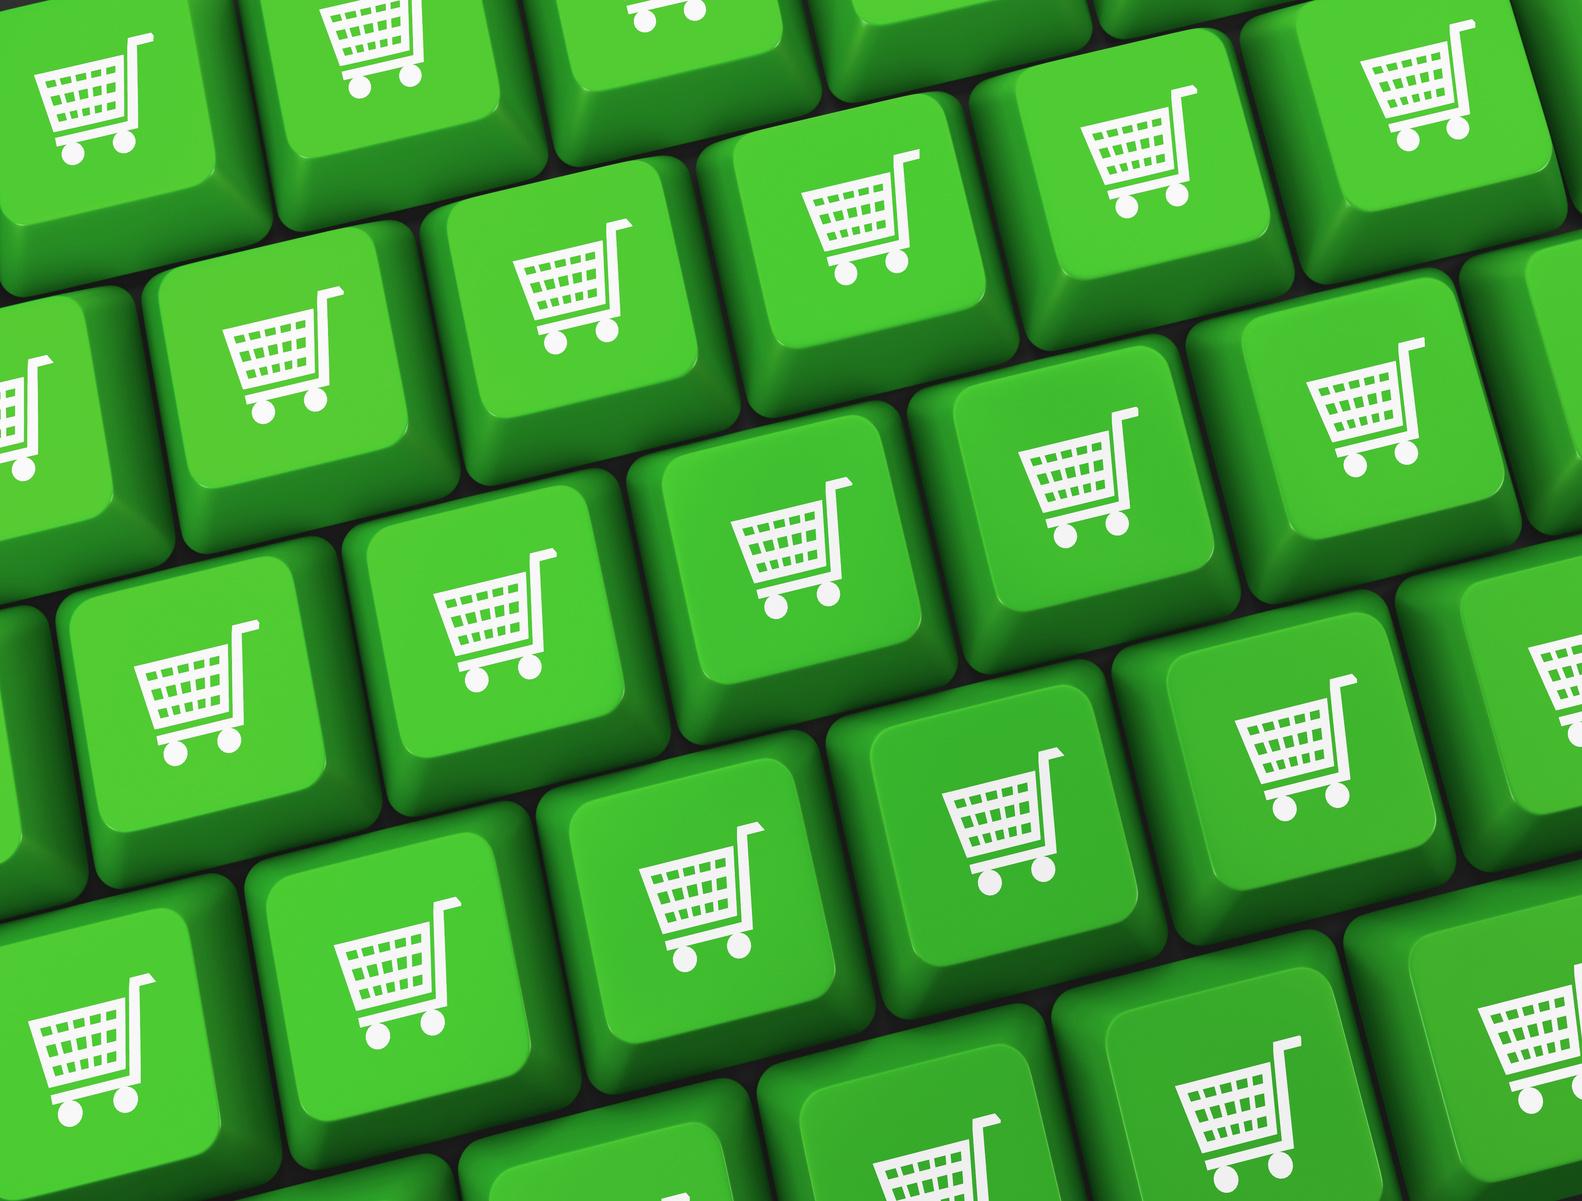 online ecommerce platform